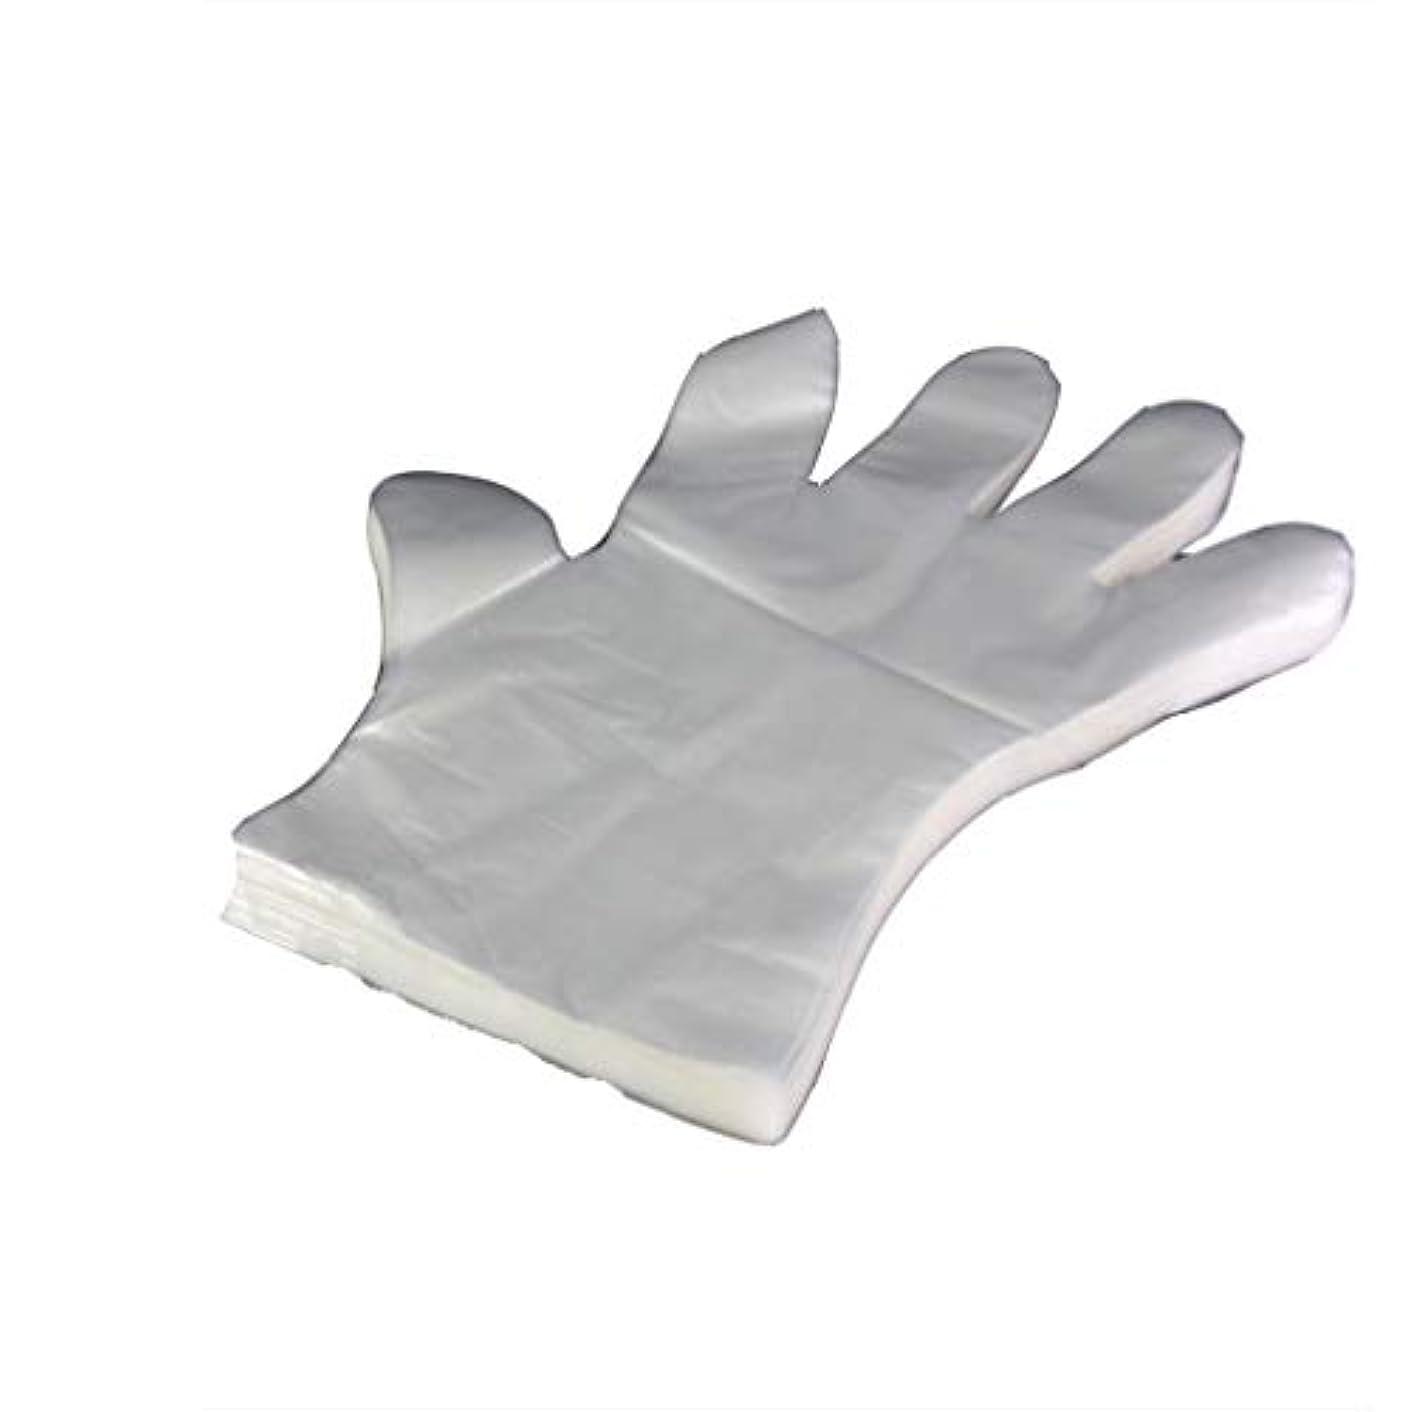 ビスケットいくつかの贅沢な使い捨て手袋PEフィルムプラスチック化粧グローブフィルム透明増粘200袋 (UnitCount : 200only)